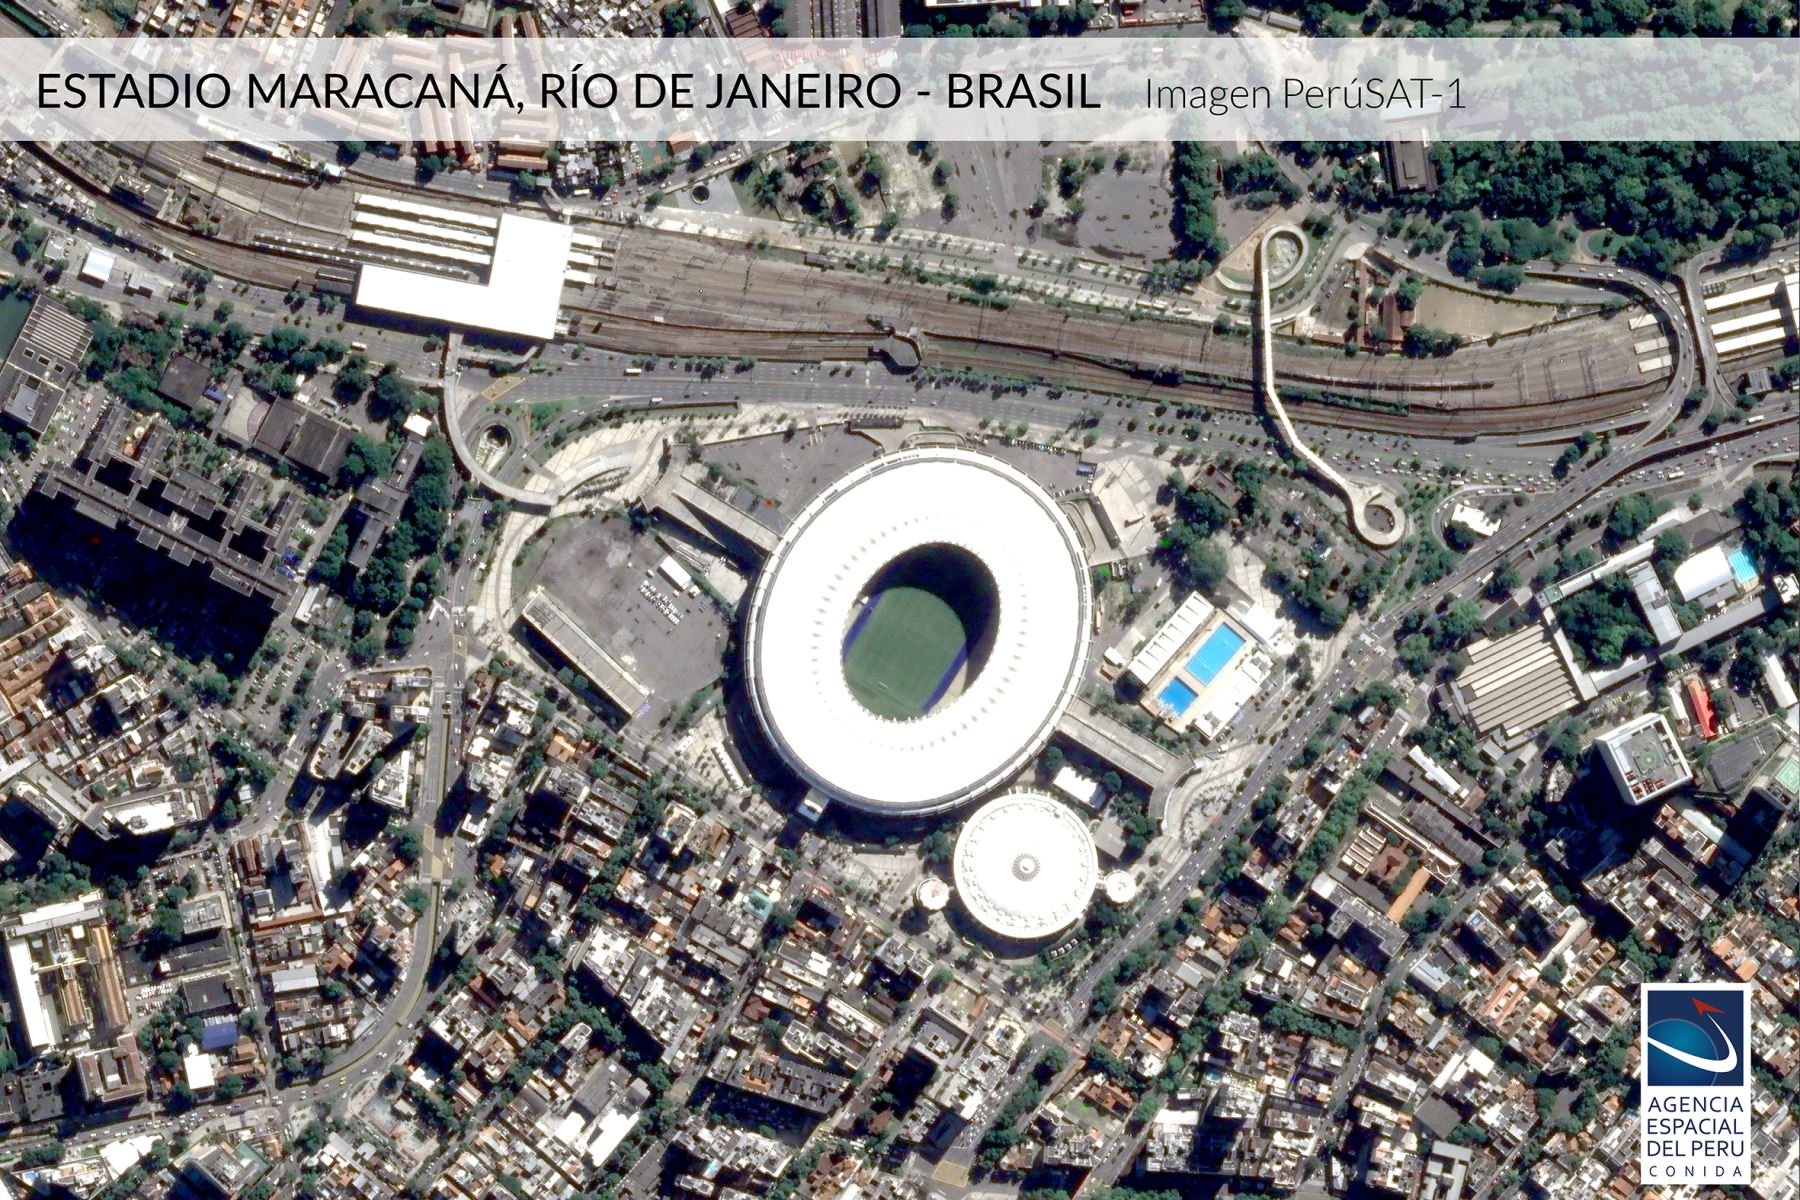 Imagen satelital del Estadio Maracaná-Brasil, sede de la Copa América 2019.Foto: Andina/Agencia Espacial del Perú.